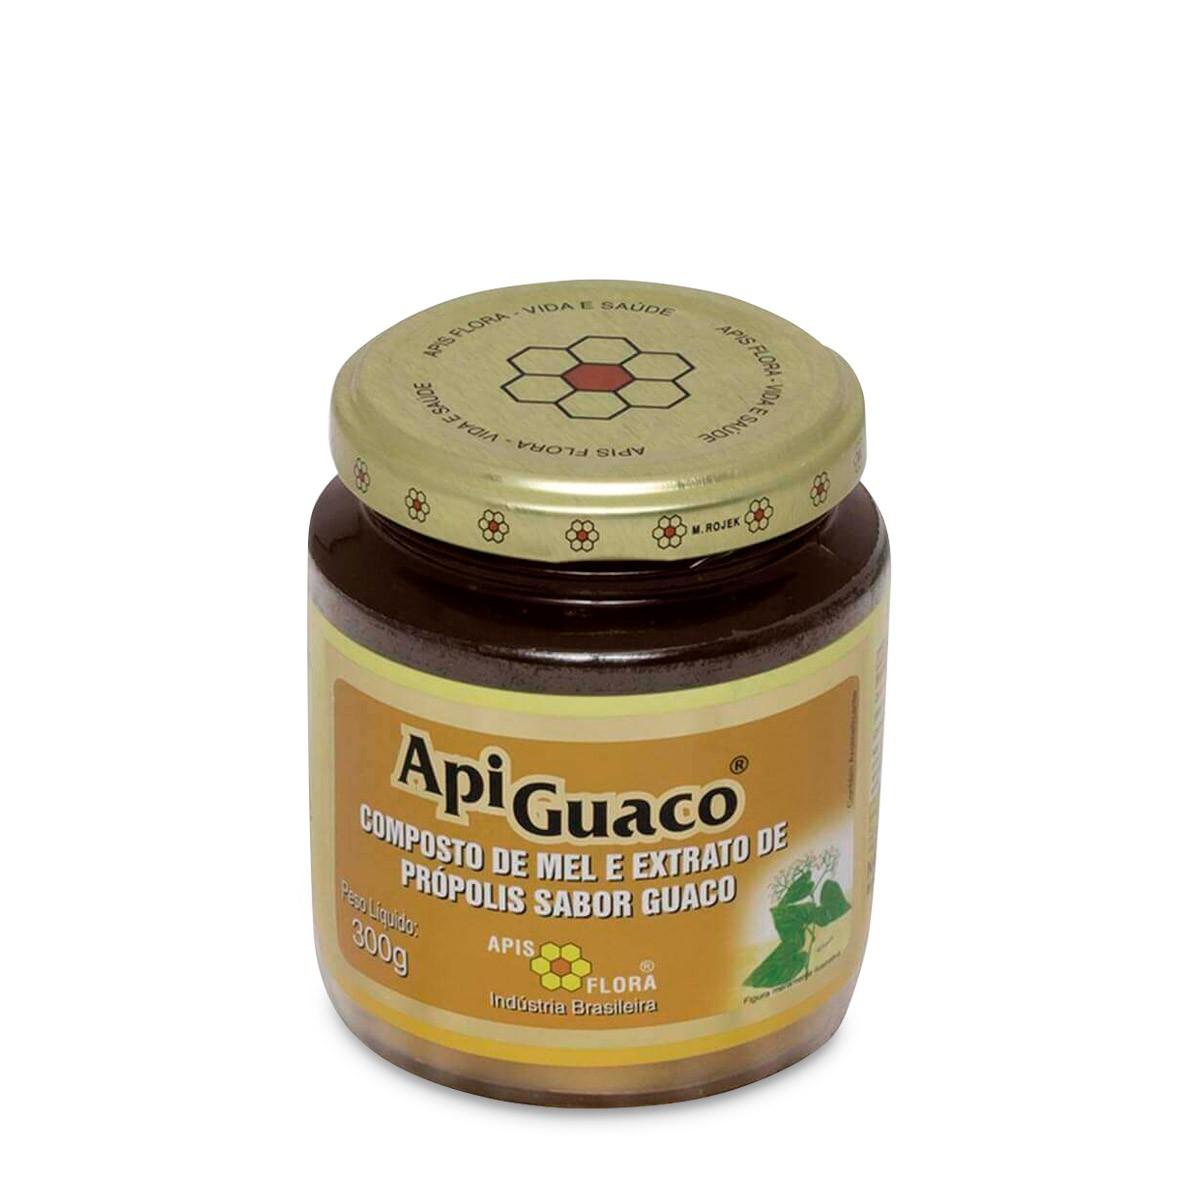 Apiguaco - Mel com Própolis e Guaco 300g